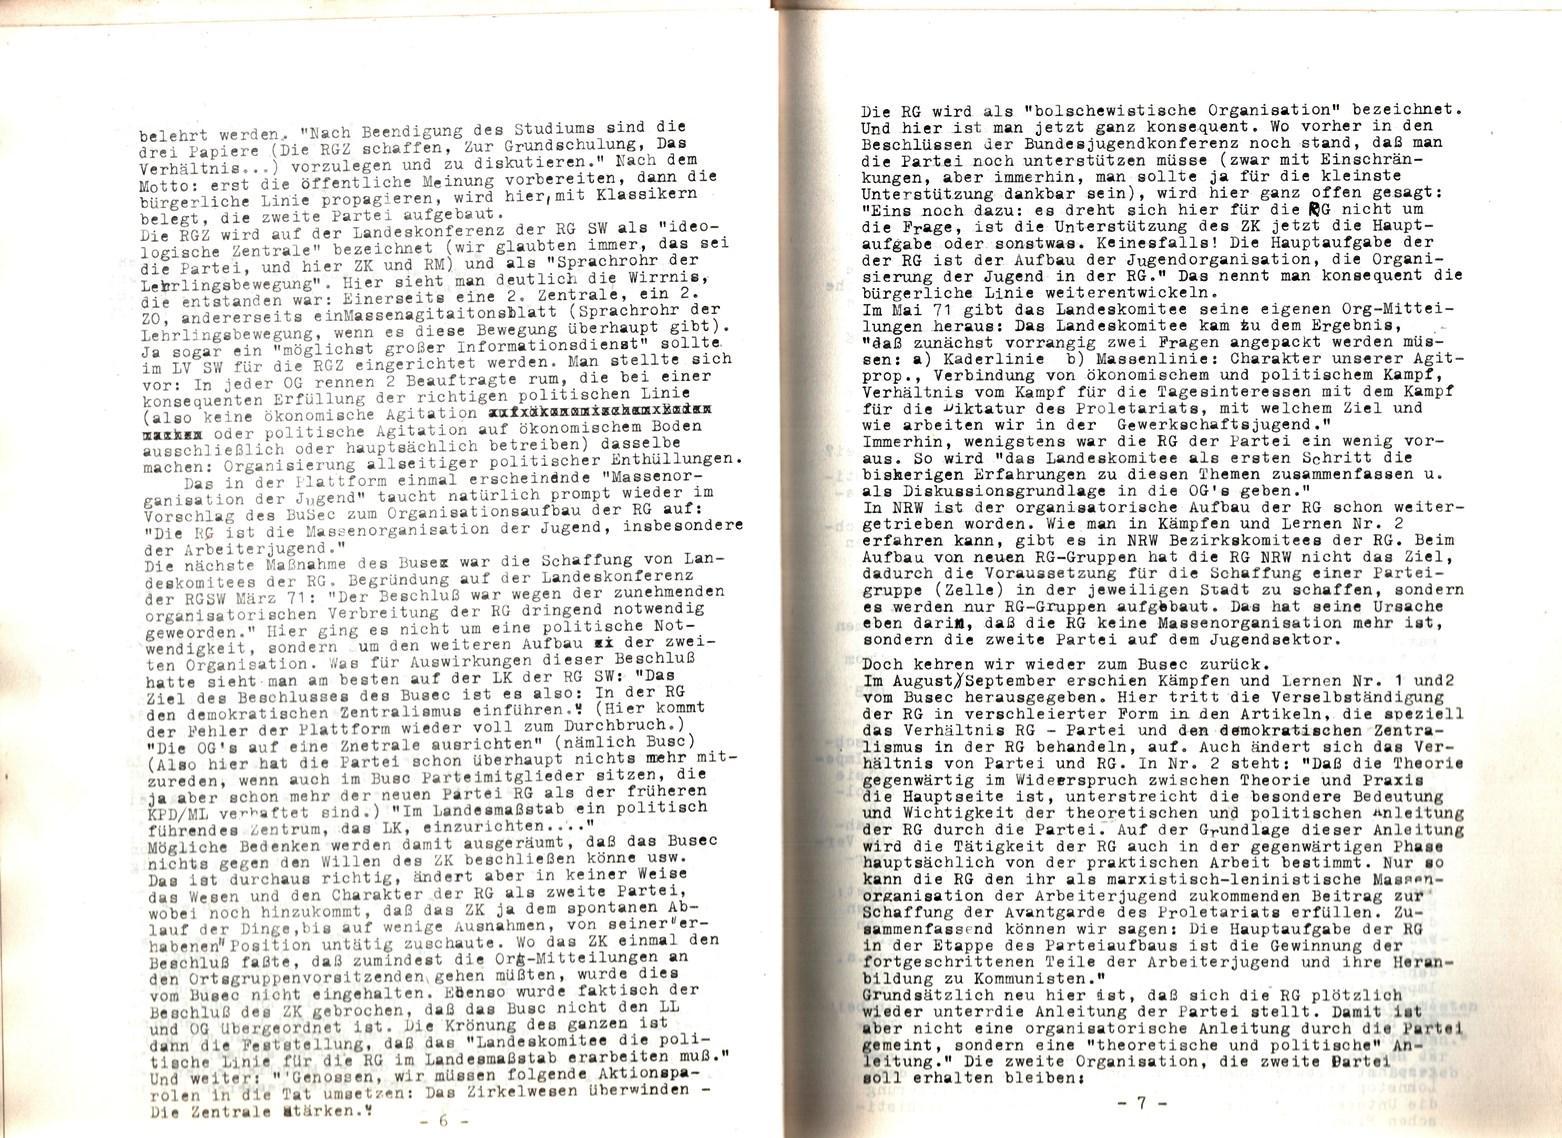 KPDML_1971_Analysen_und_Antraege_des_LV_Sued_West_040